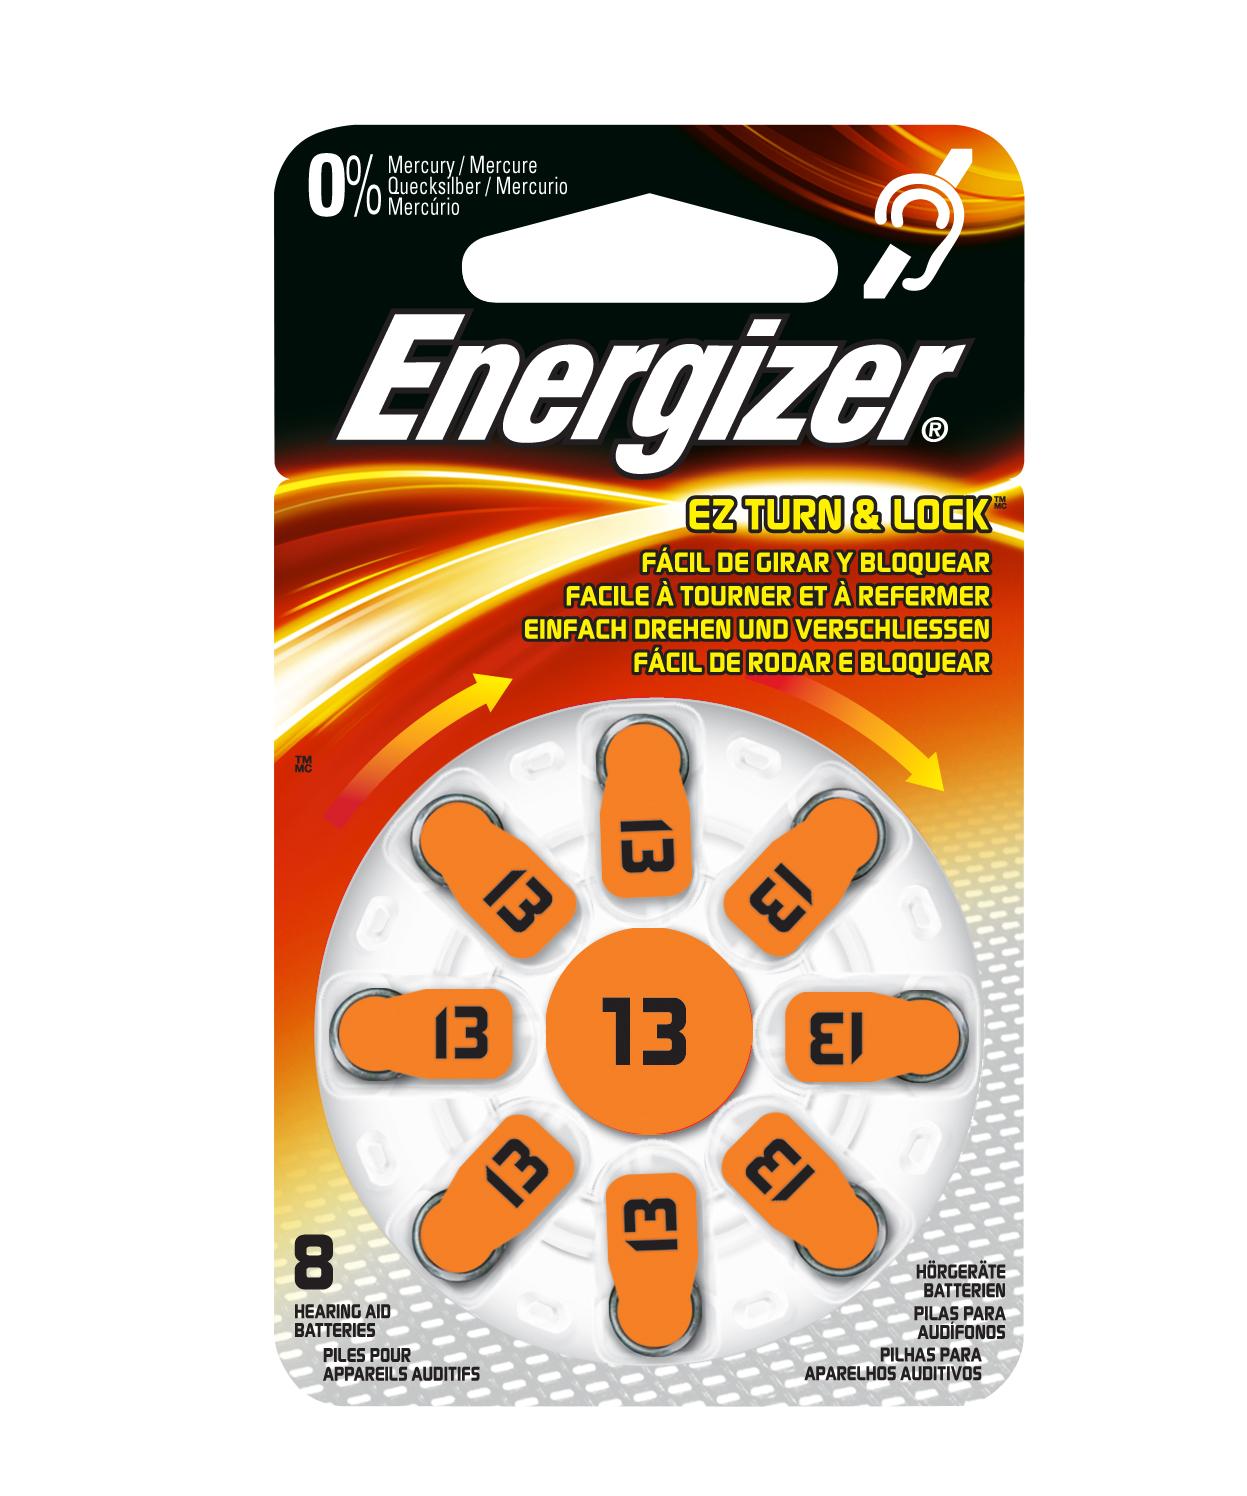 Energizer AC 13 hoortoestel batterijen